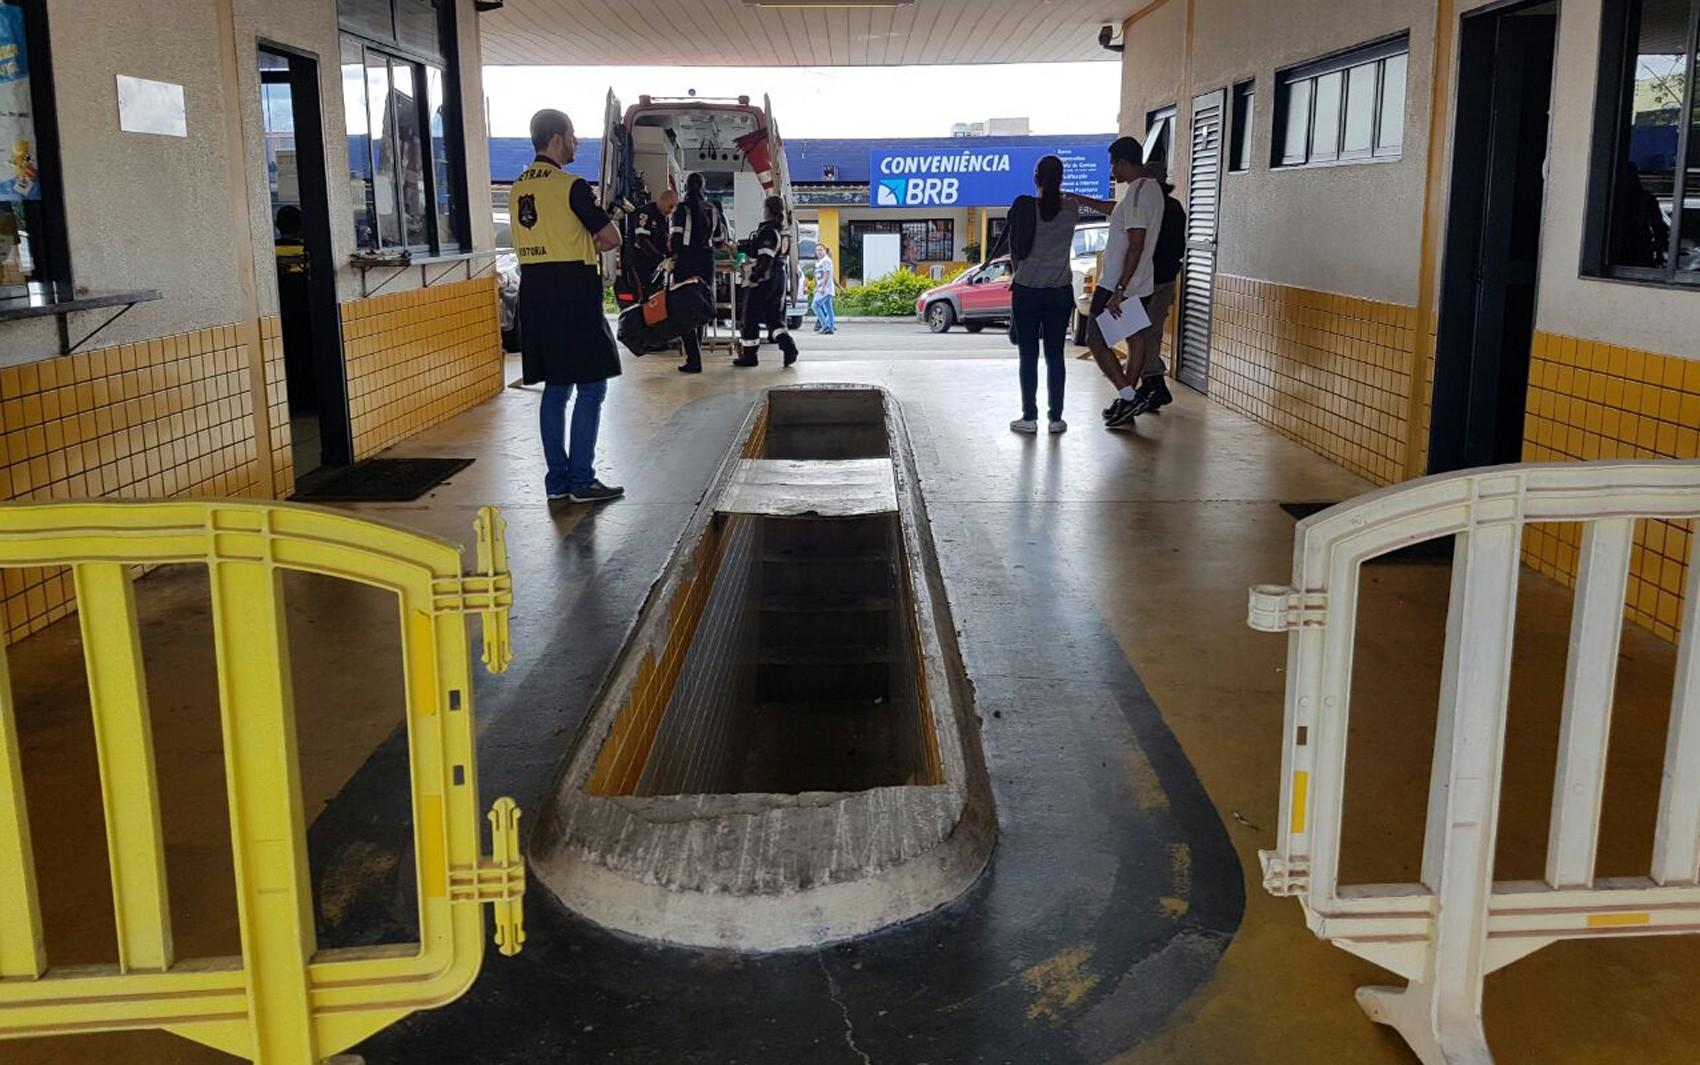 Idoso cai em 'vala de fiscalização' do Detran no DF e é resgatado por ambulância